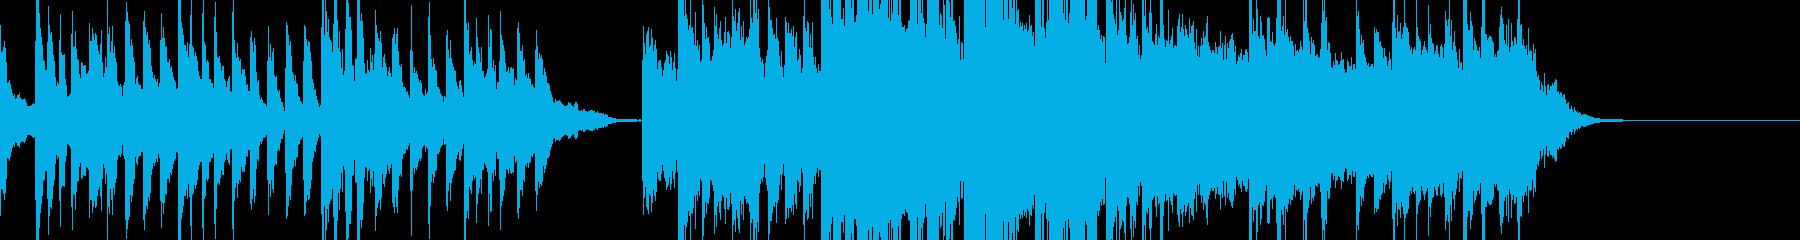 西部開拓時代の酒場風BGMの再生済みの波形